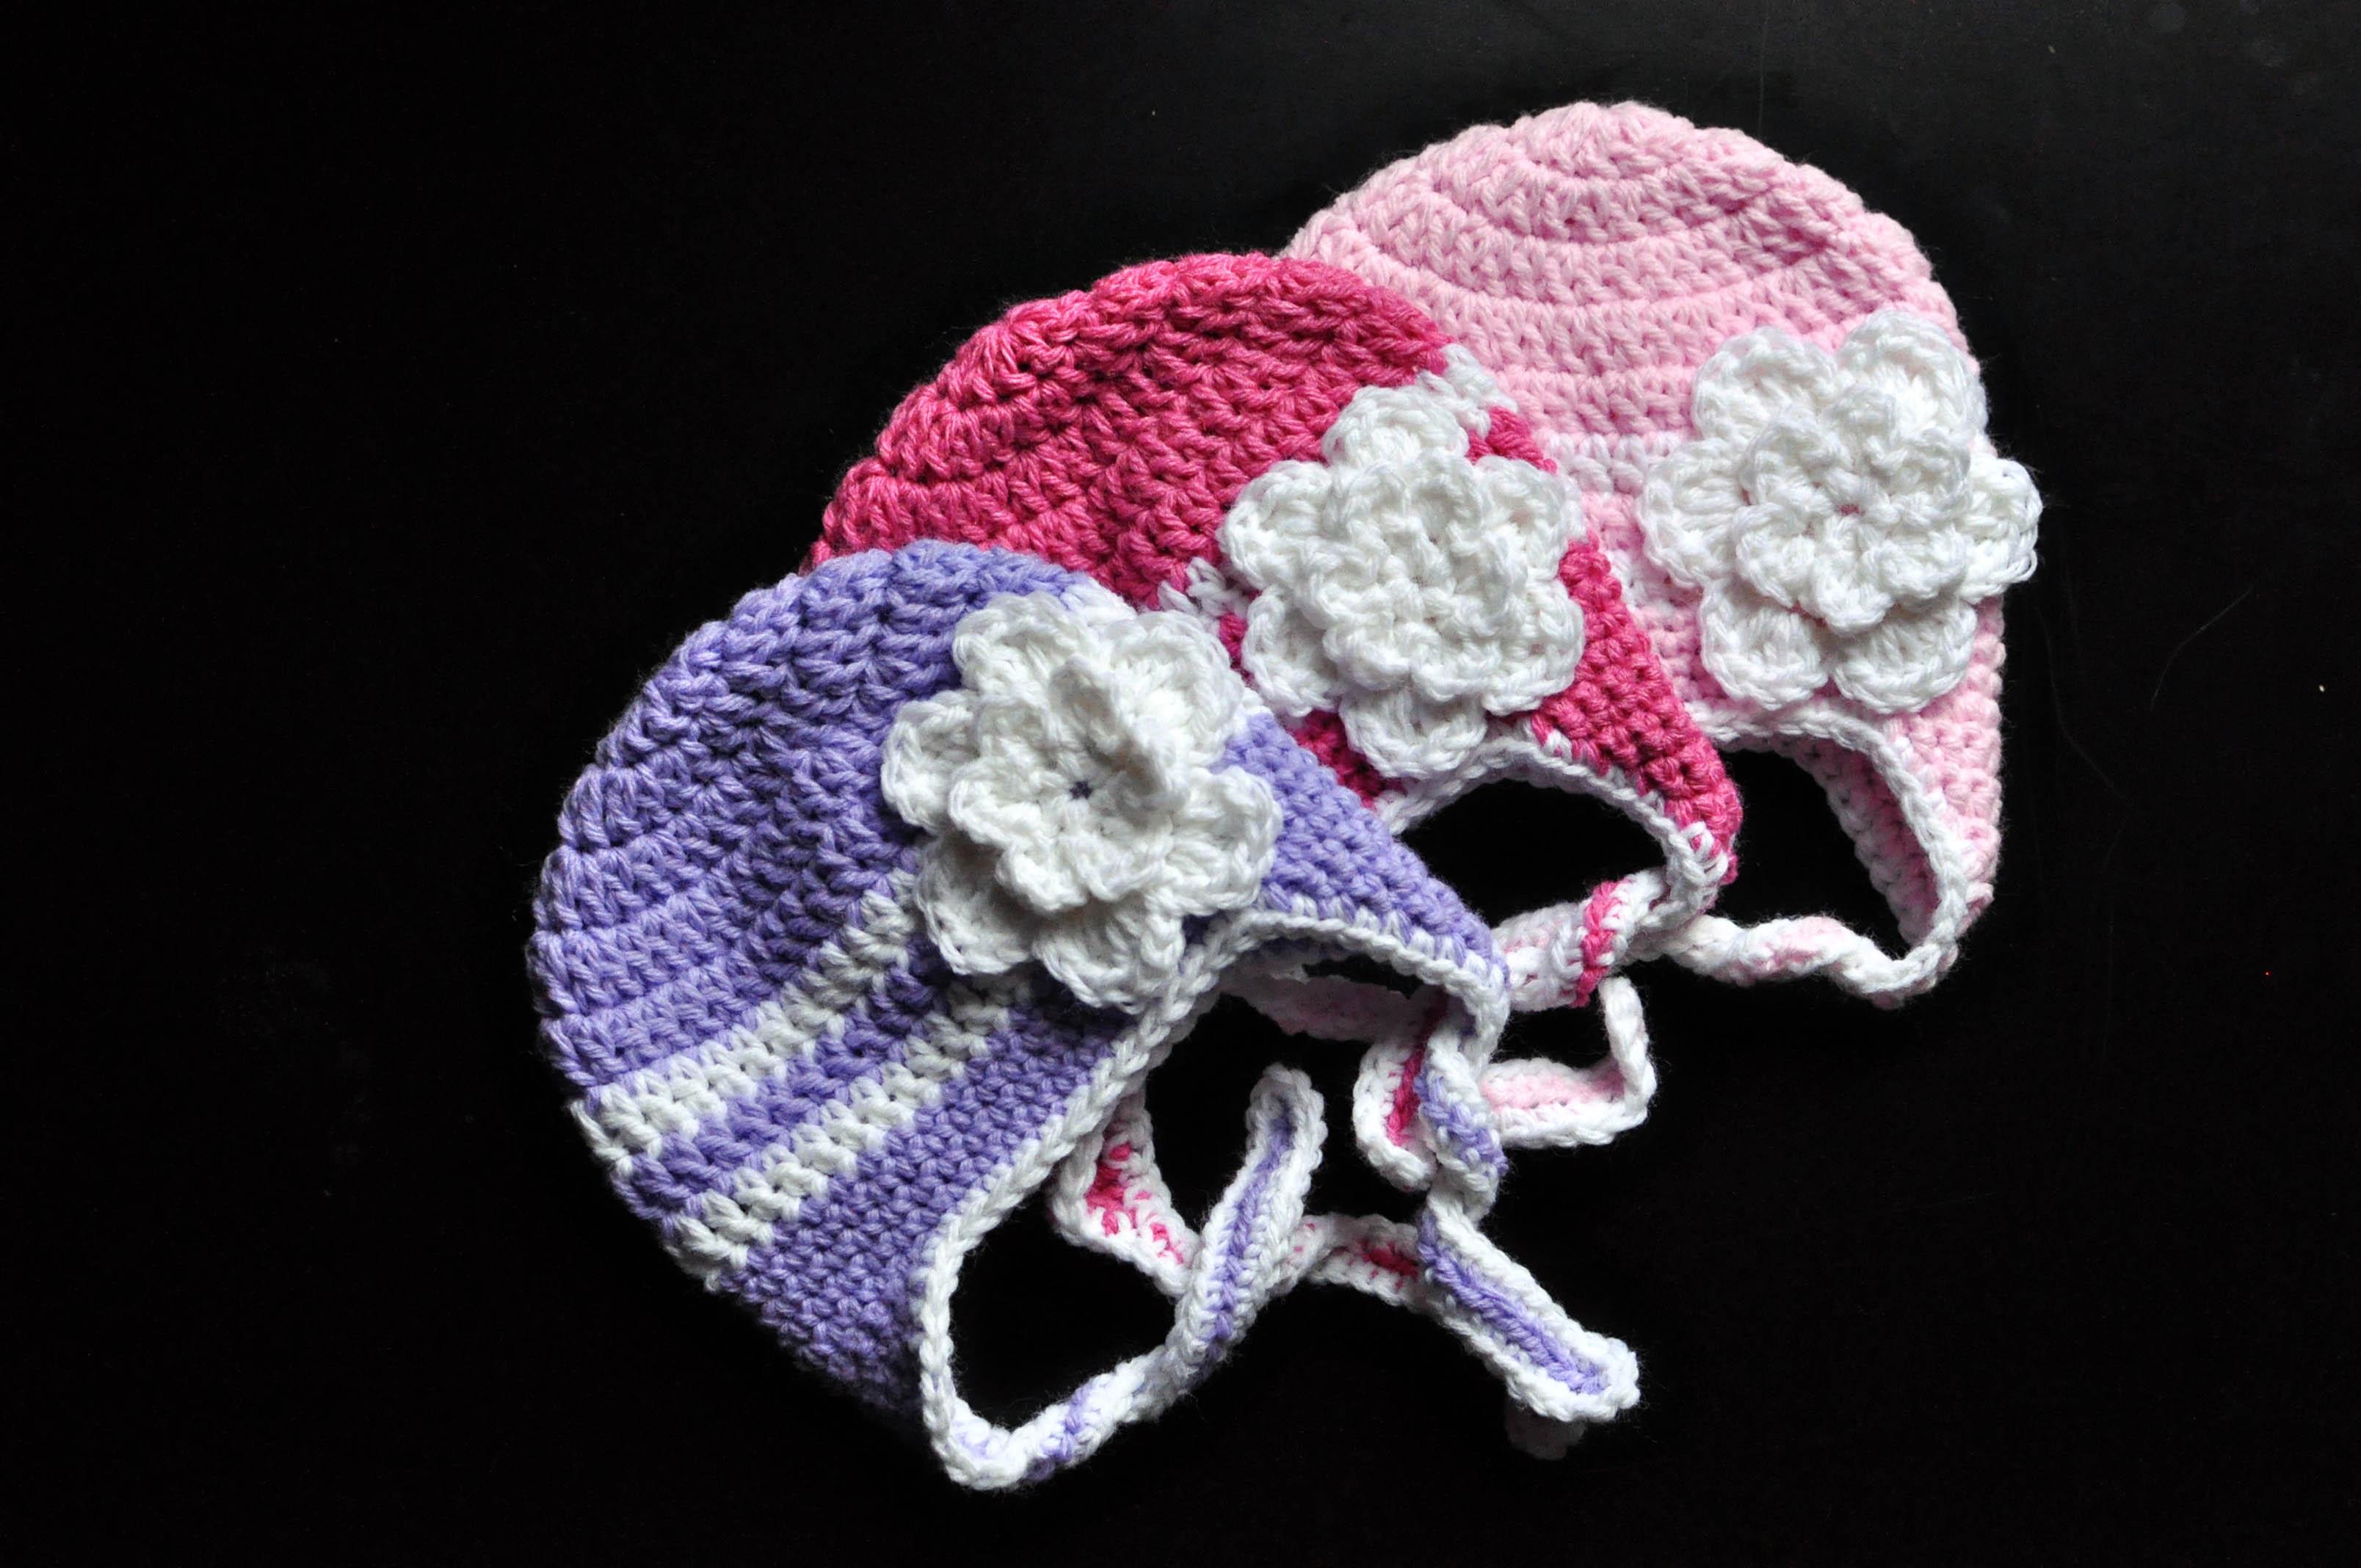 Free Crochet Pattern: Striped Earflap Hat Classy Crochet